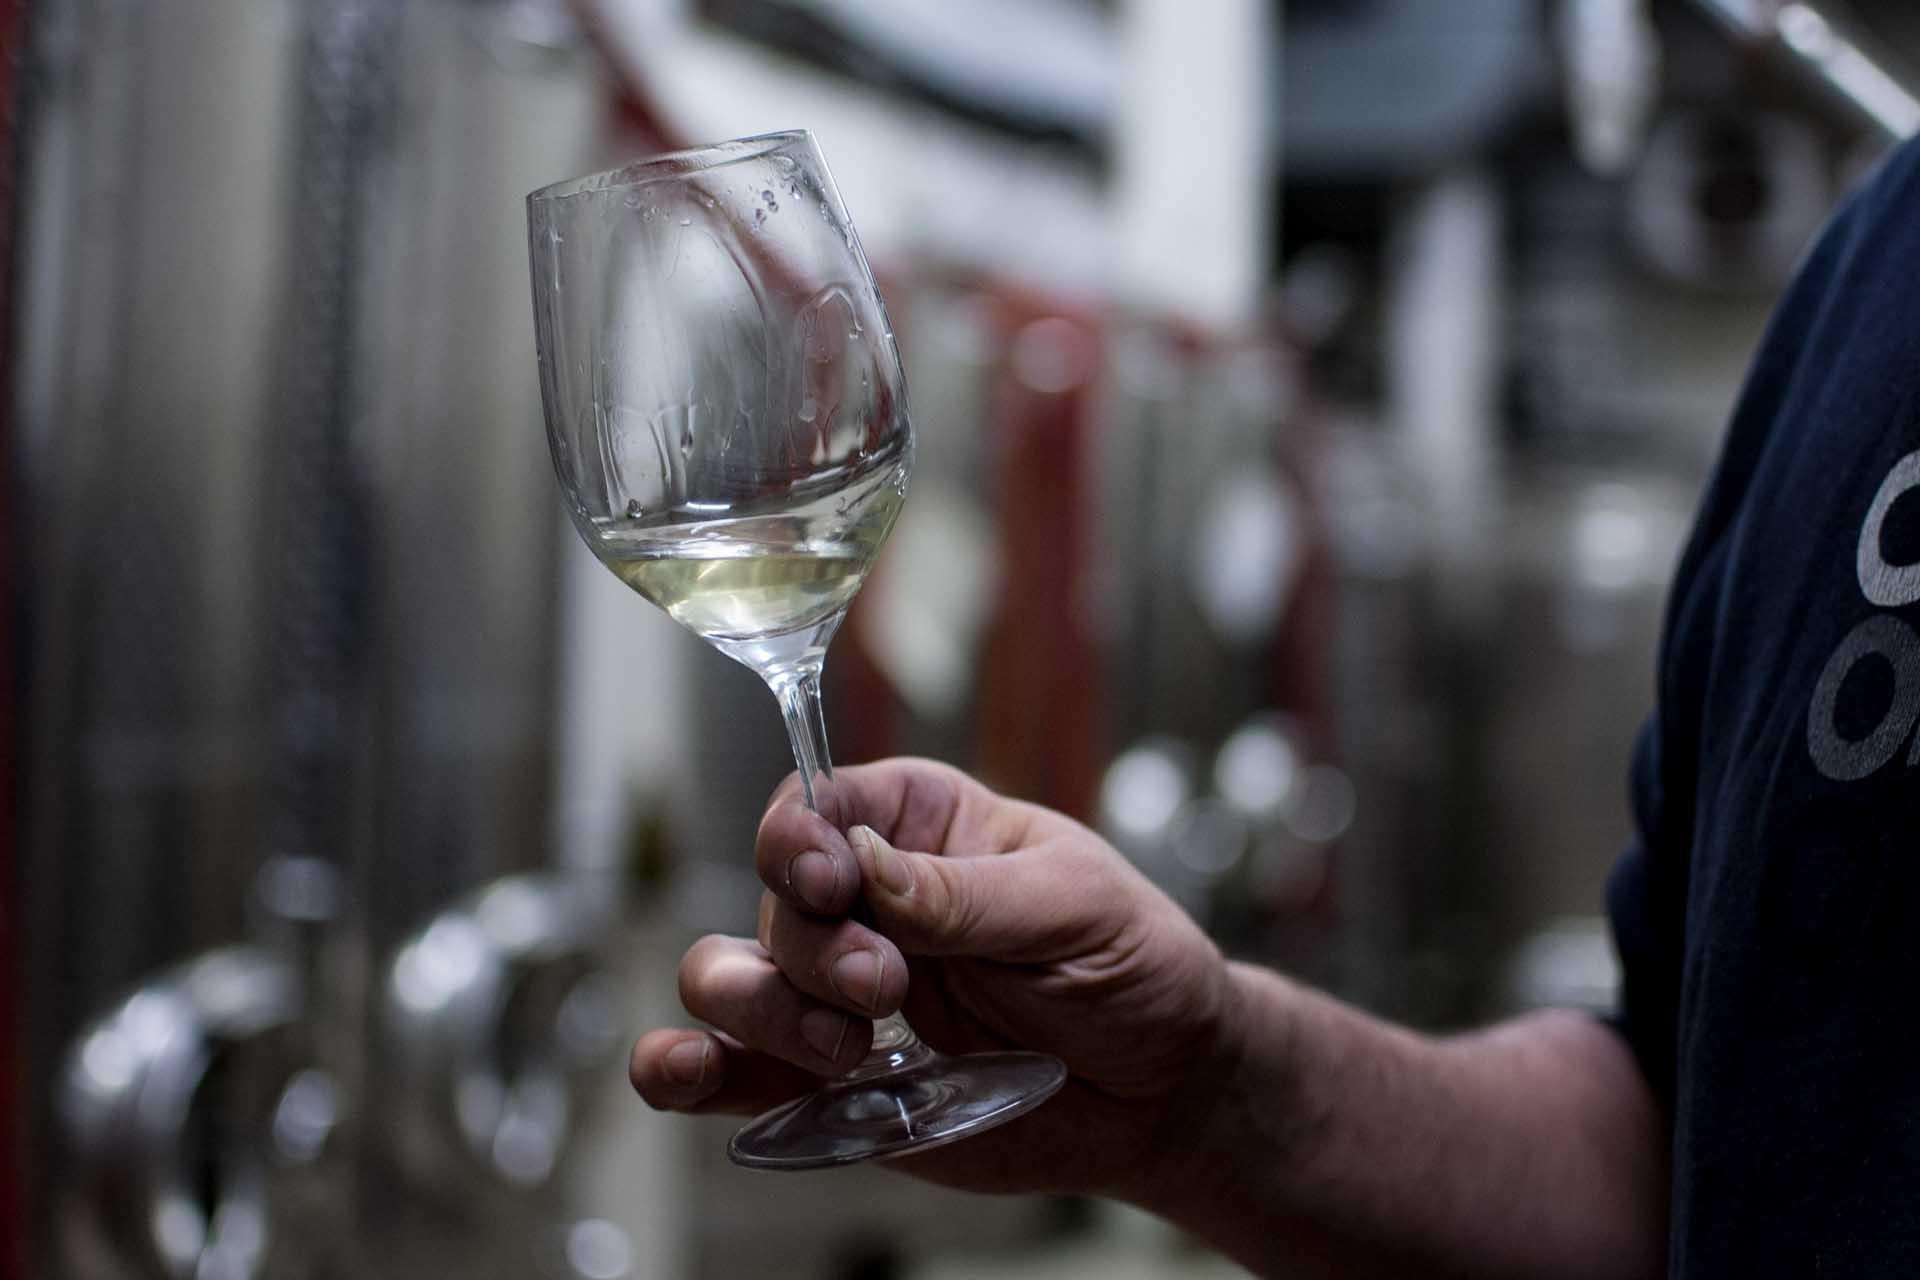 Glas mit Jungwein, schwenkend